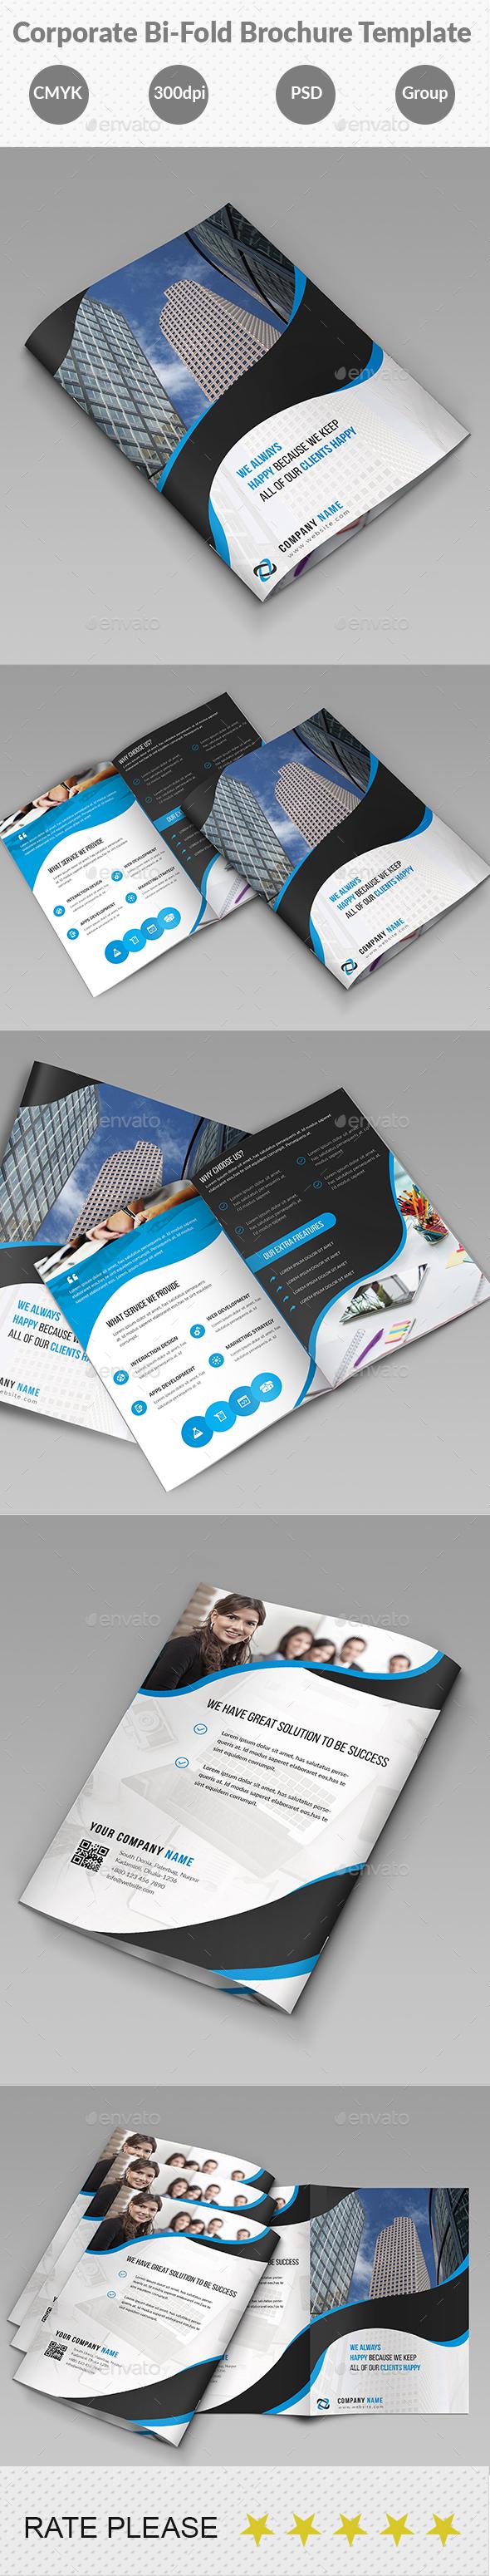 Corporate Bi-Fold Business Brochure Template - Corporate Brochures